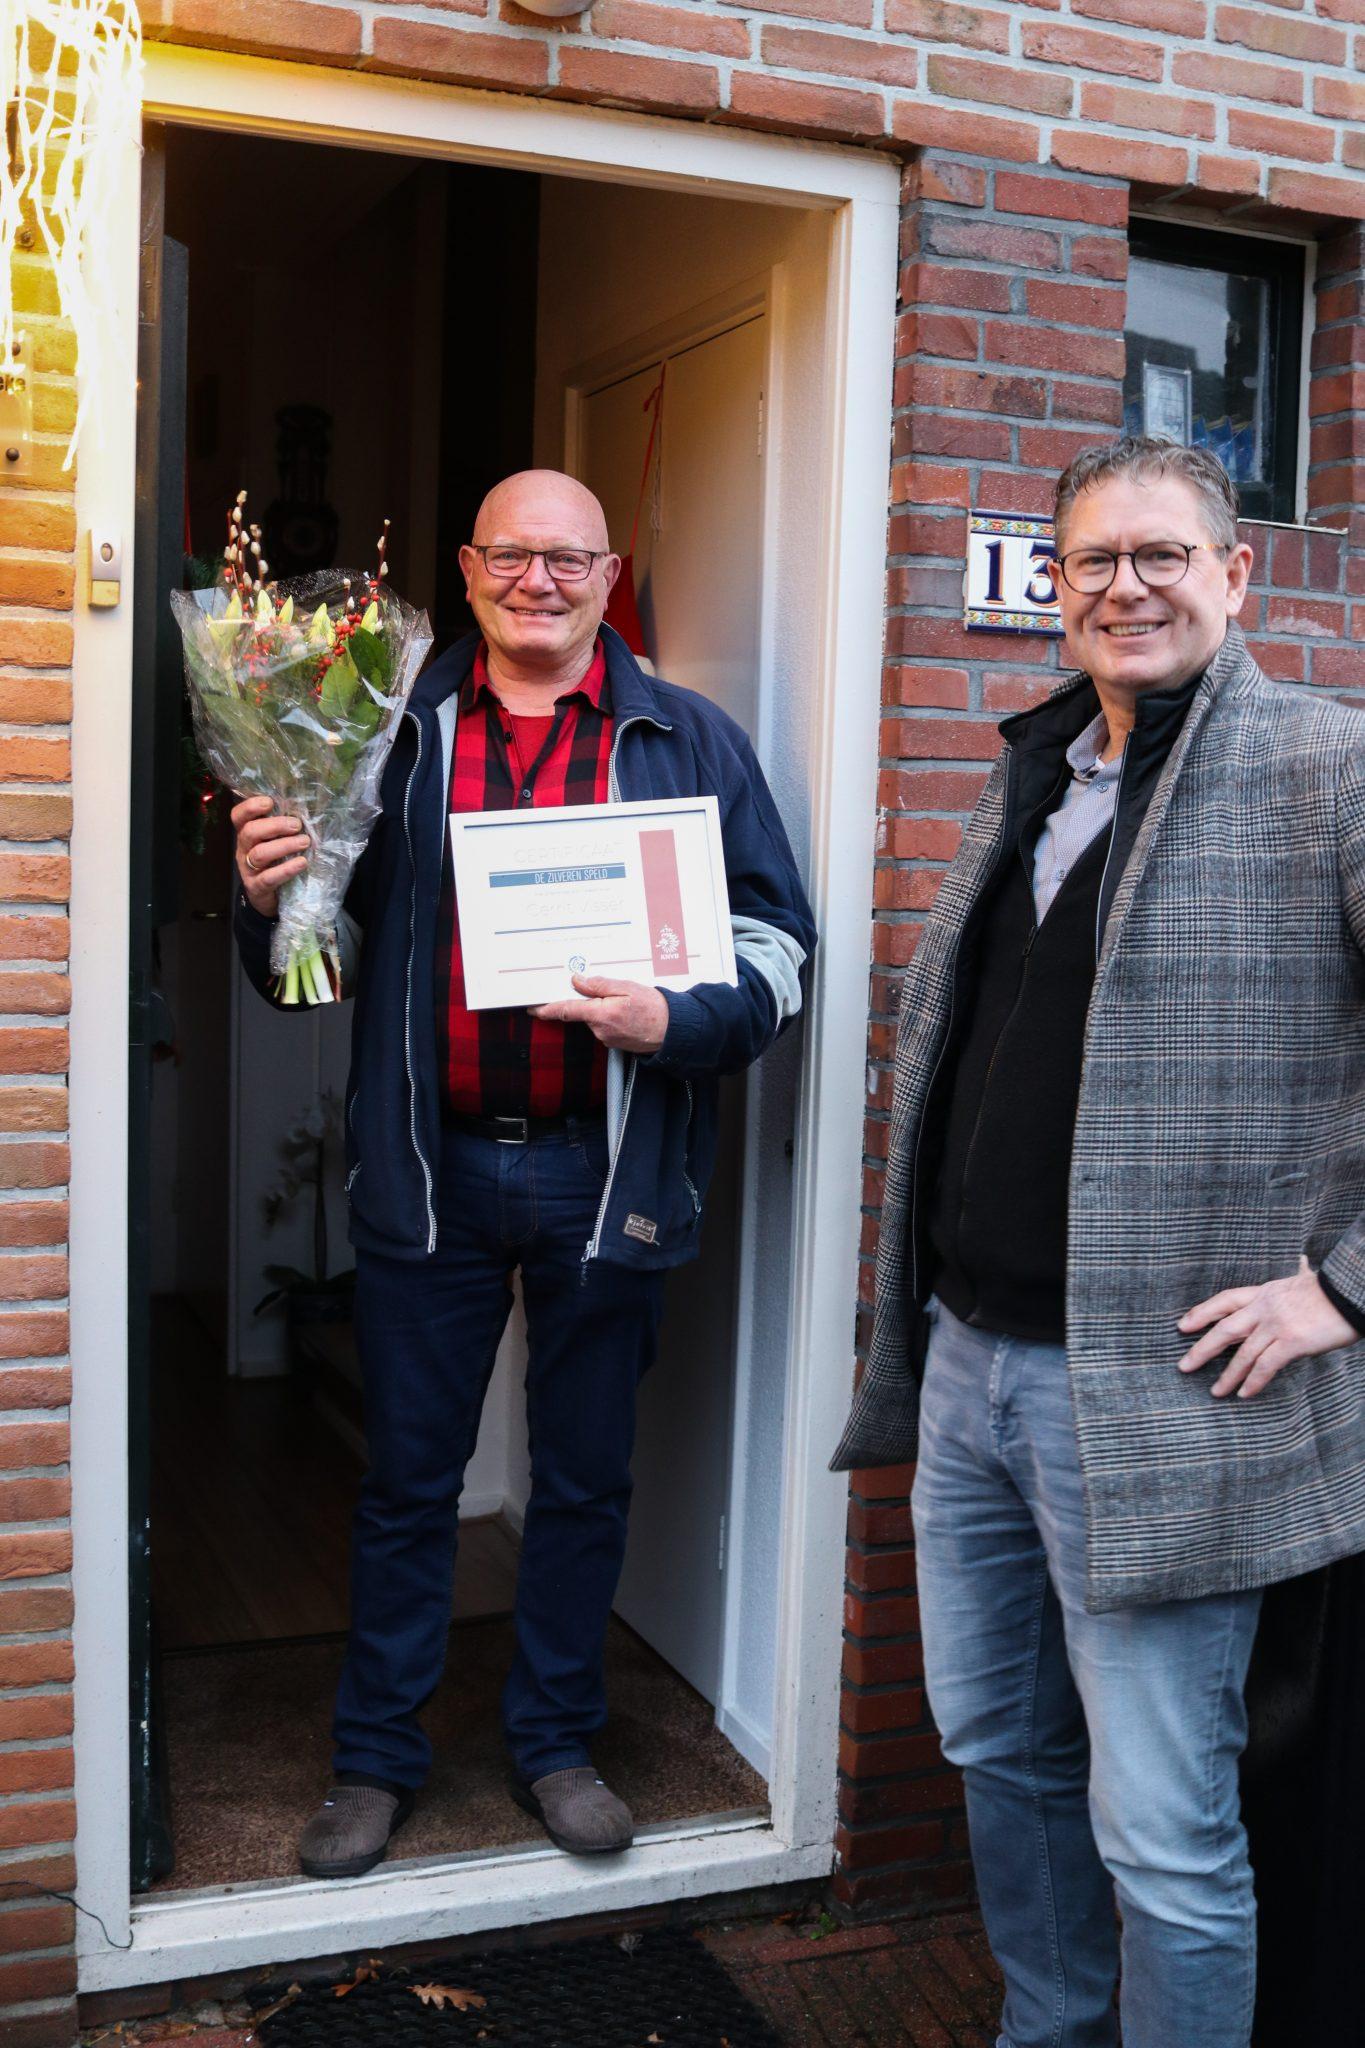 Gerrit Visser is door de KNVB benoemd als Drager van de Zilveren Speld